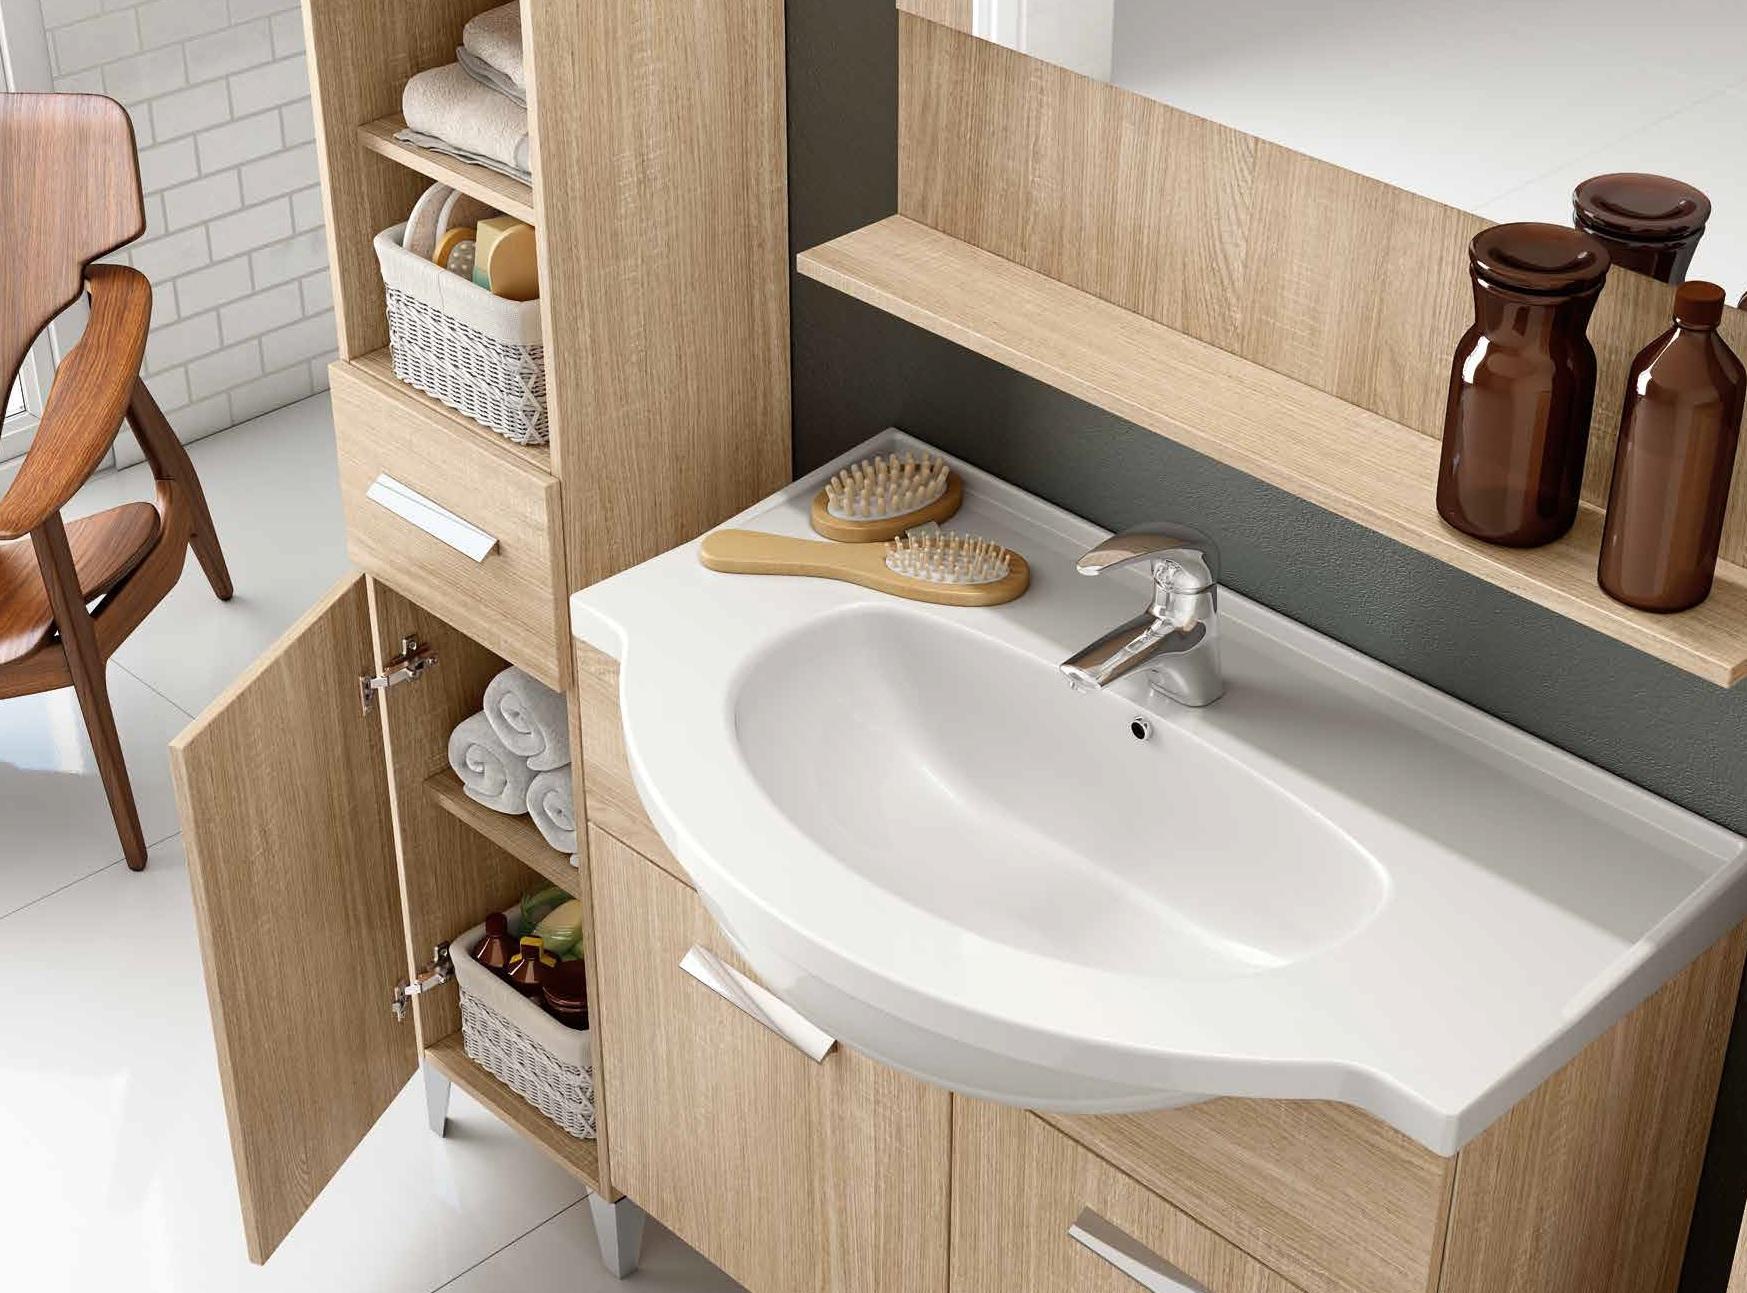 Bagno fine produzione completo arredo bagno a prezzi - Arredo bagno completo ...